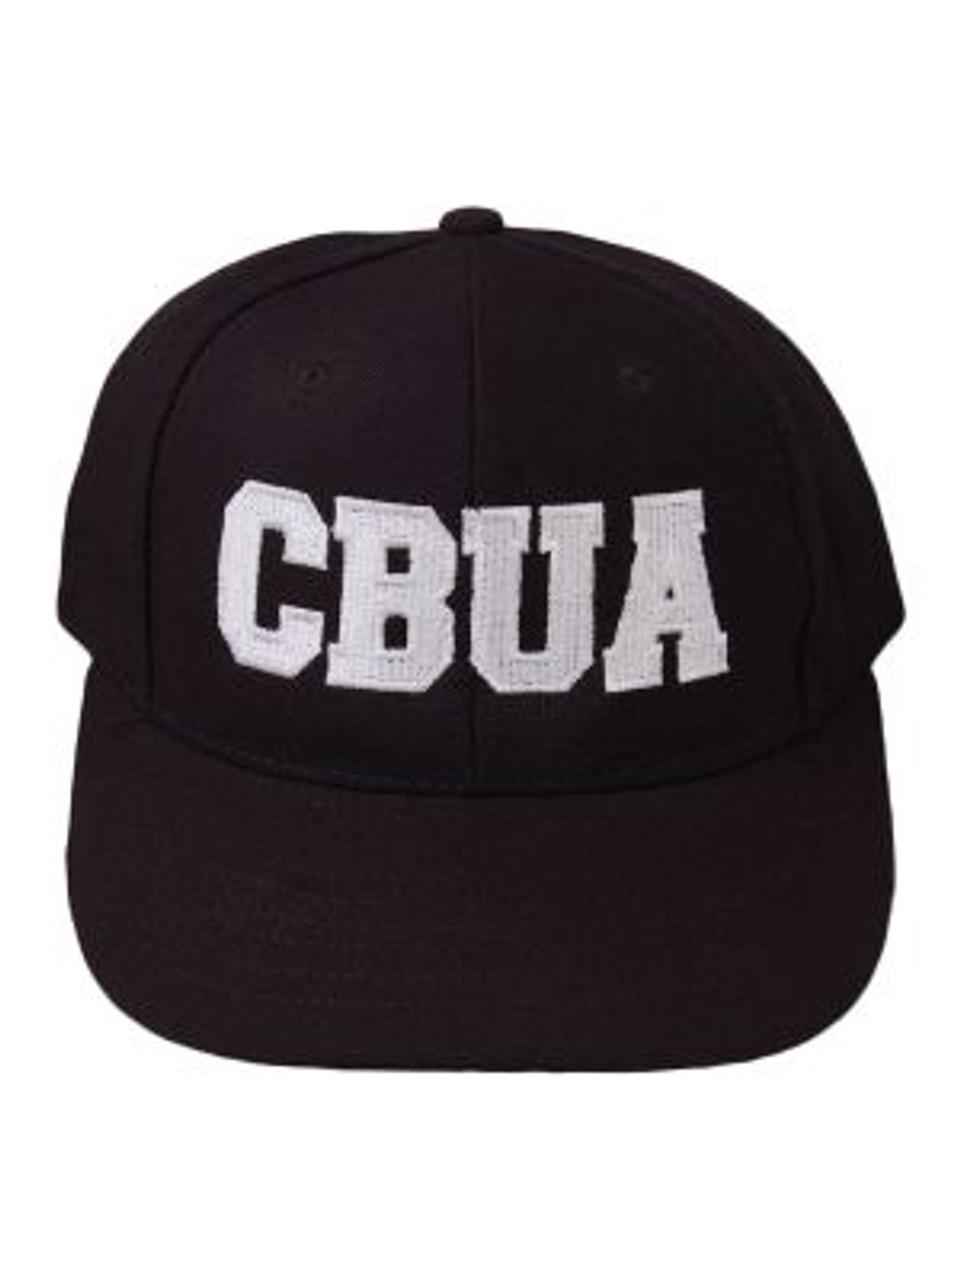 CBUA Fitted Wool 6-stitch Umpire Cap